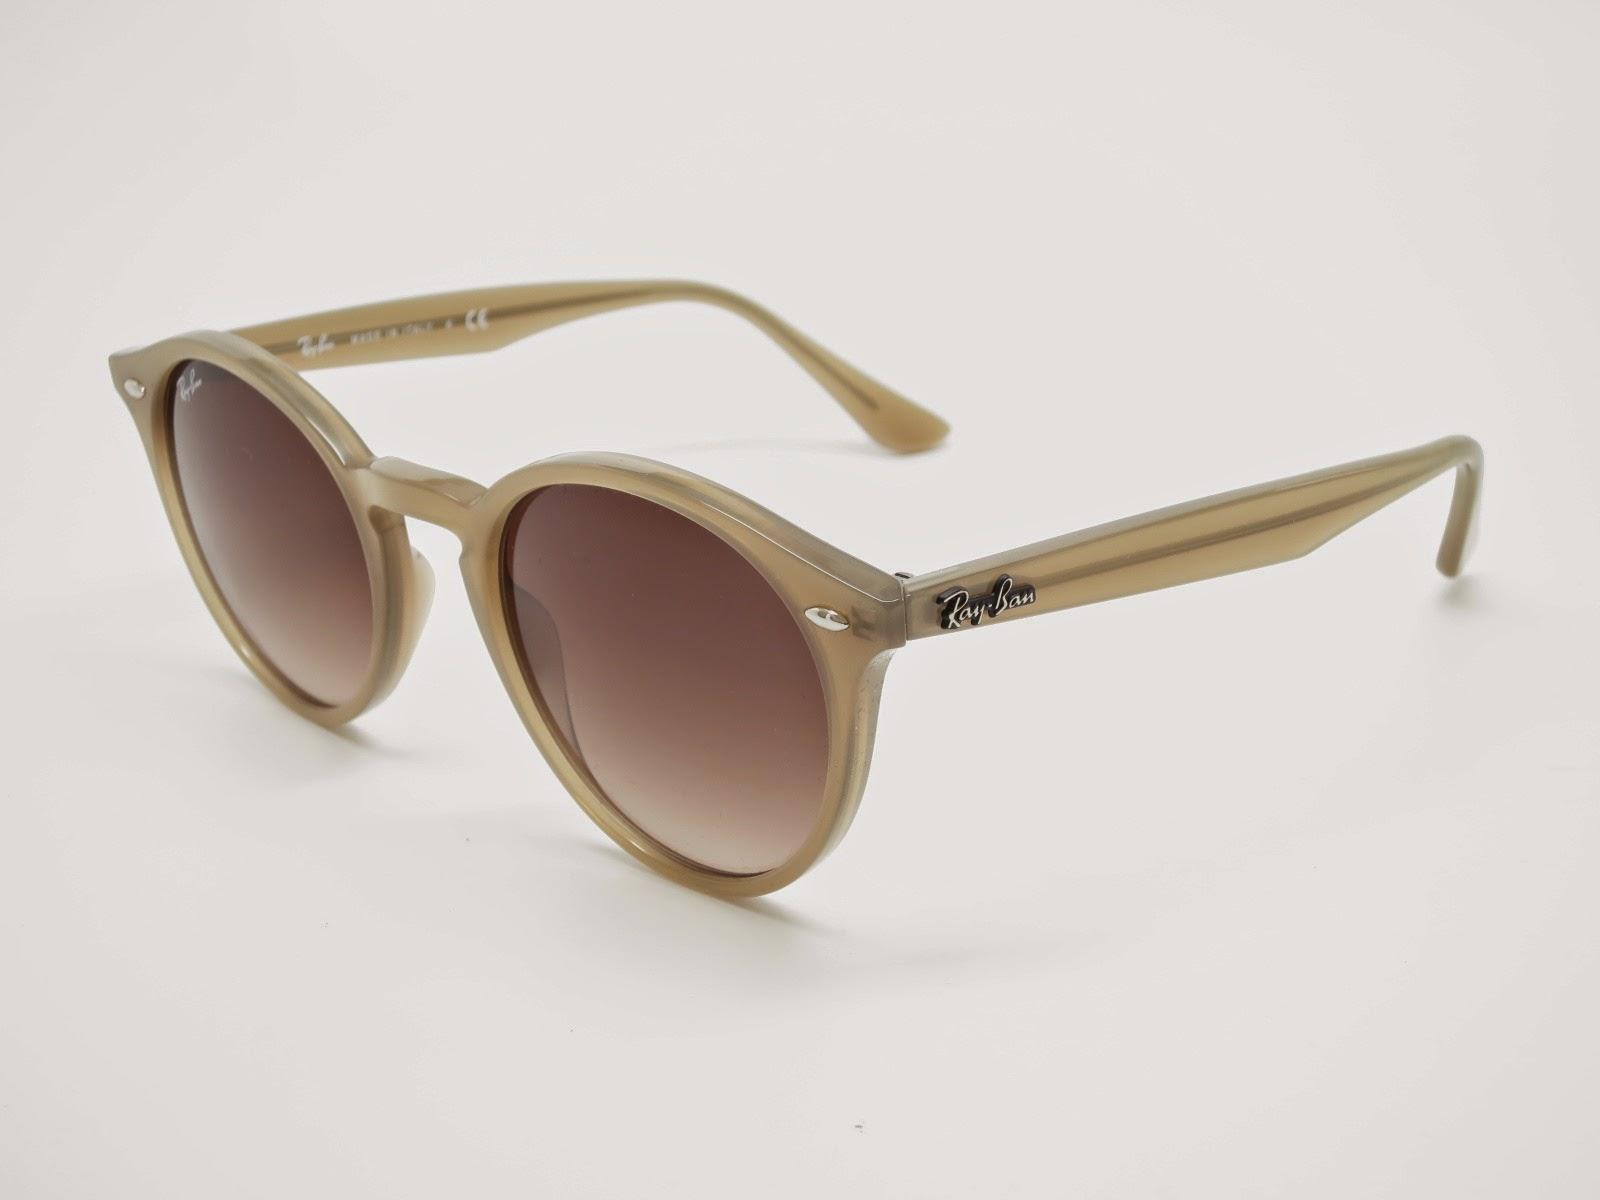 22e05addc81 Ray-Ban RB 2180 6166 13 Turtle Dove Sunglasses